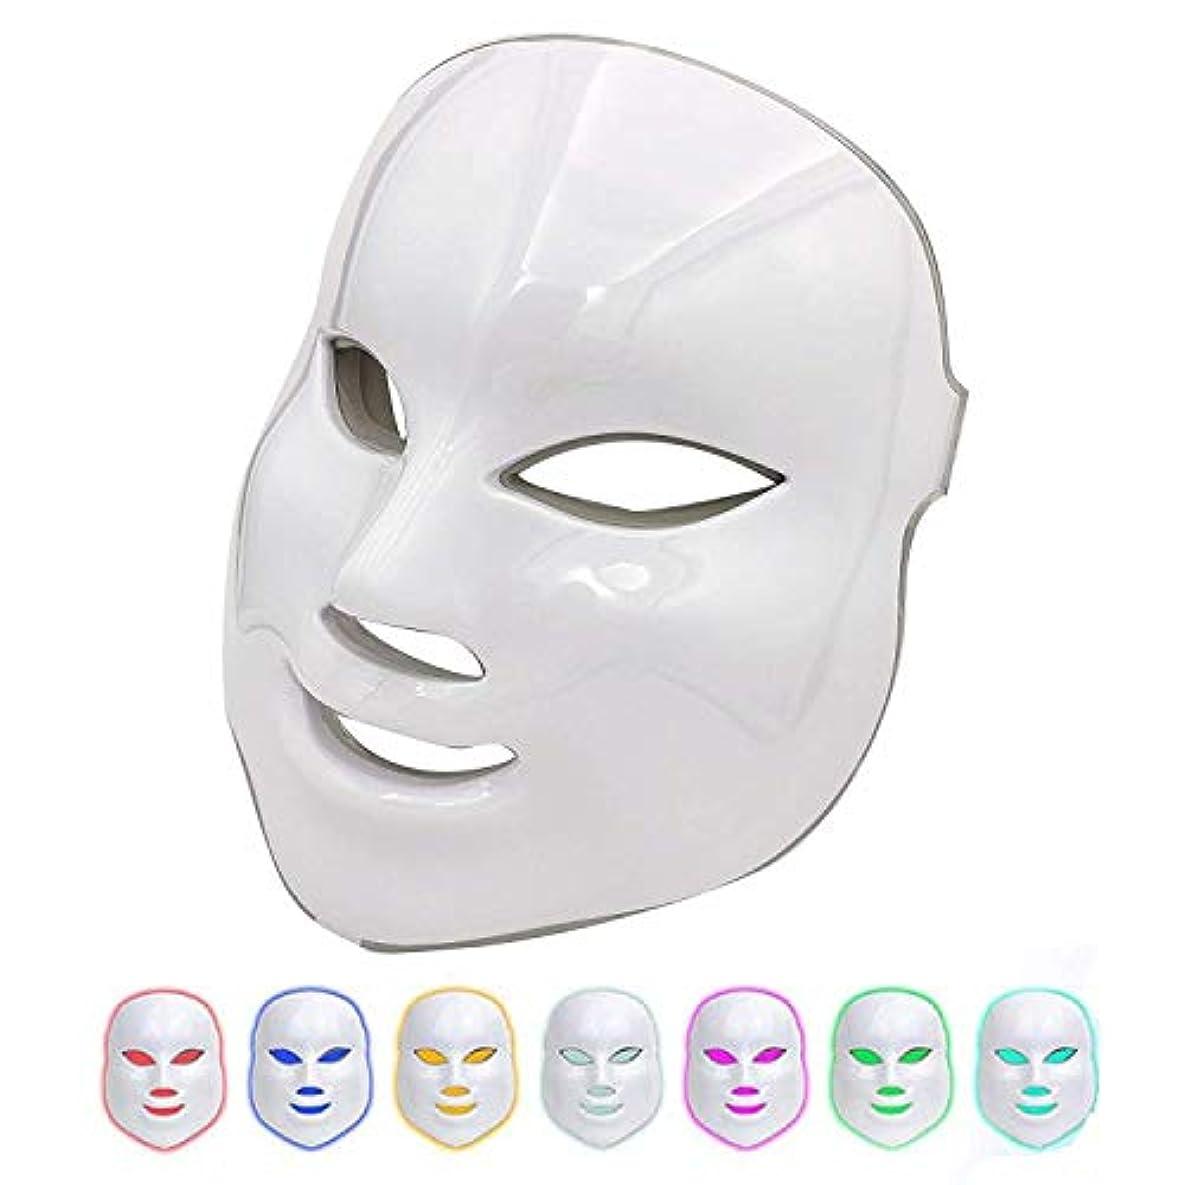 あいまいさ突き出す受付美容マスク7色ledライト光子療法にきび跡除去アンチエイジング肌の若返りフェイシャルケアフェイシャルトーンデバイス